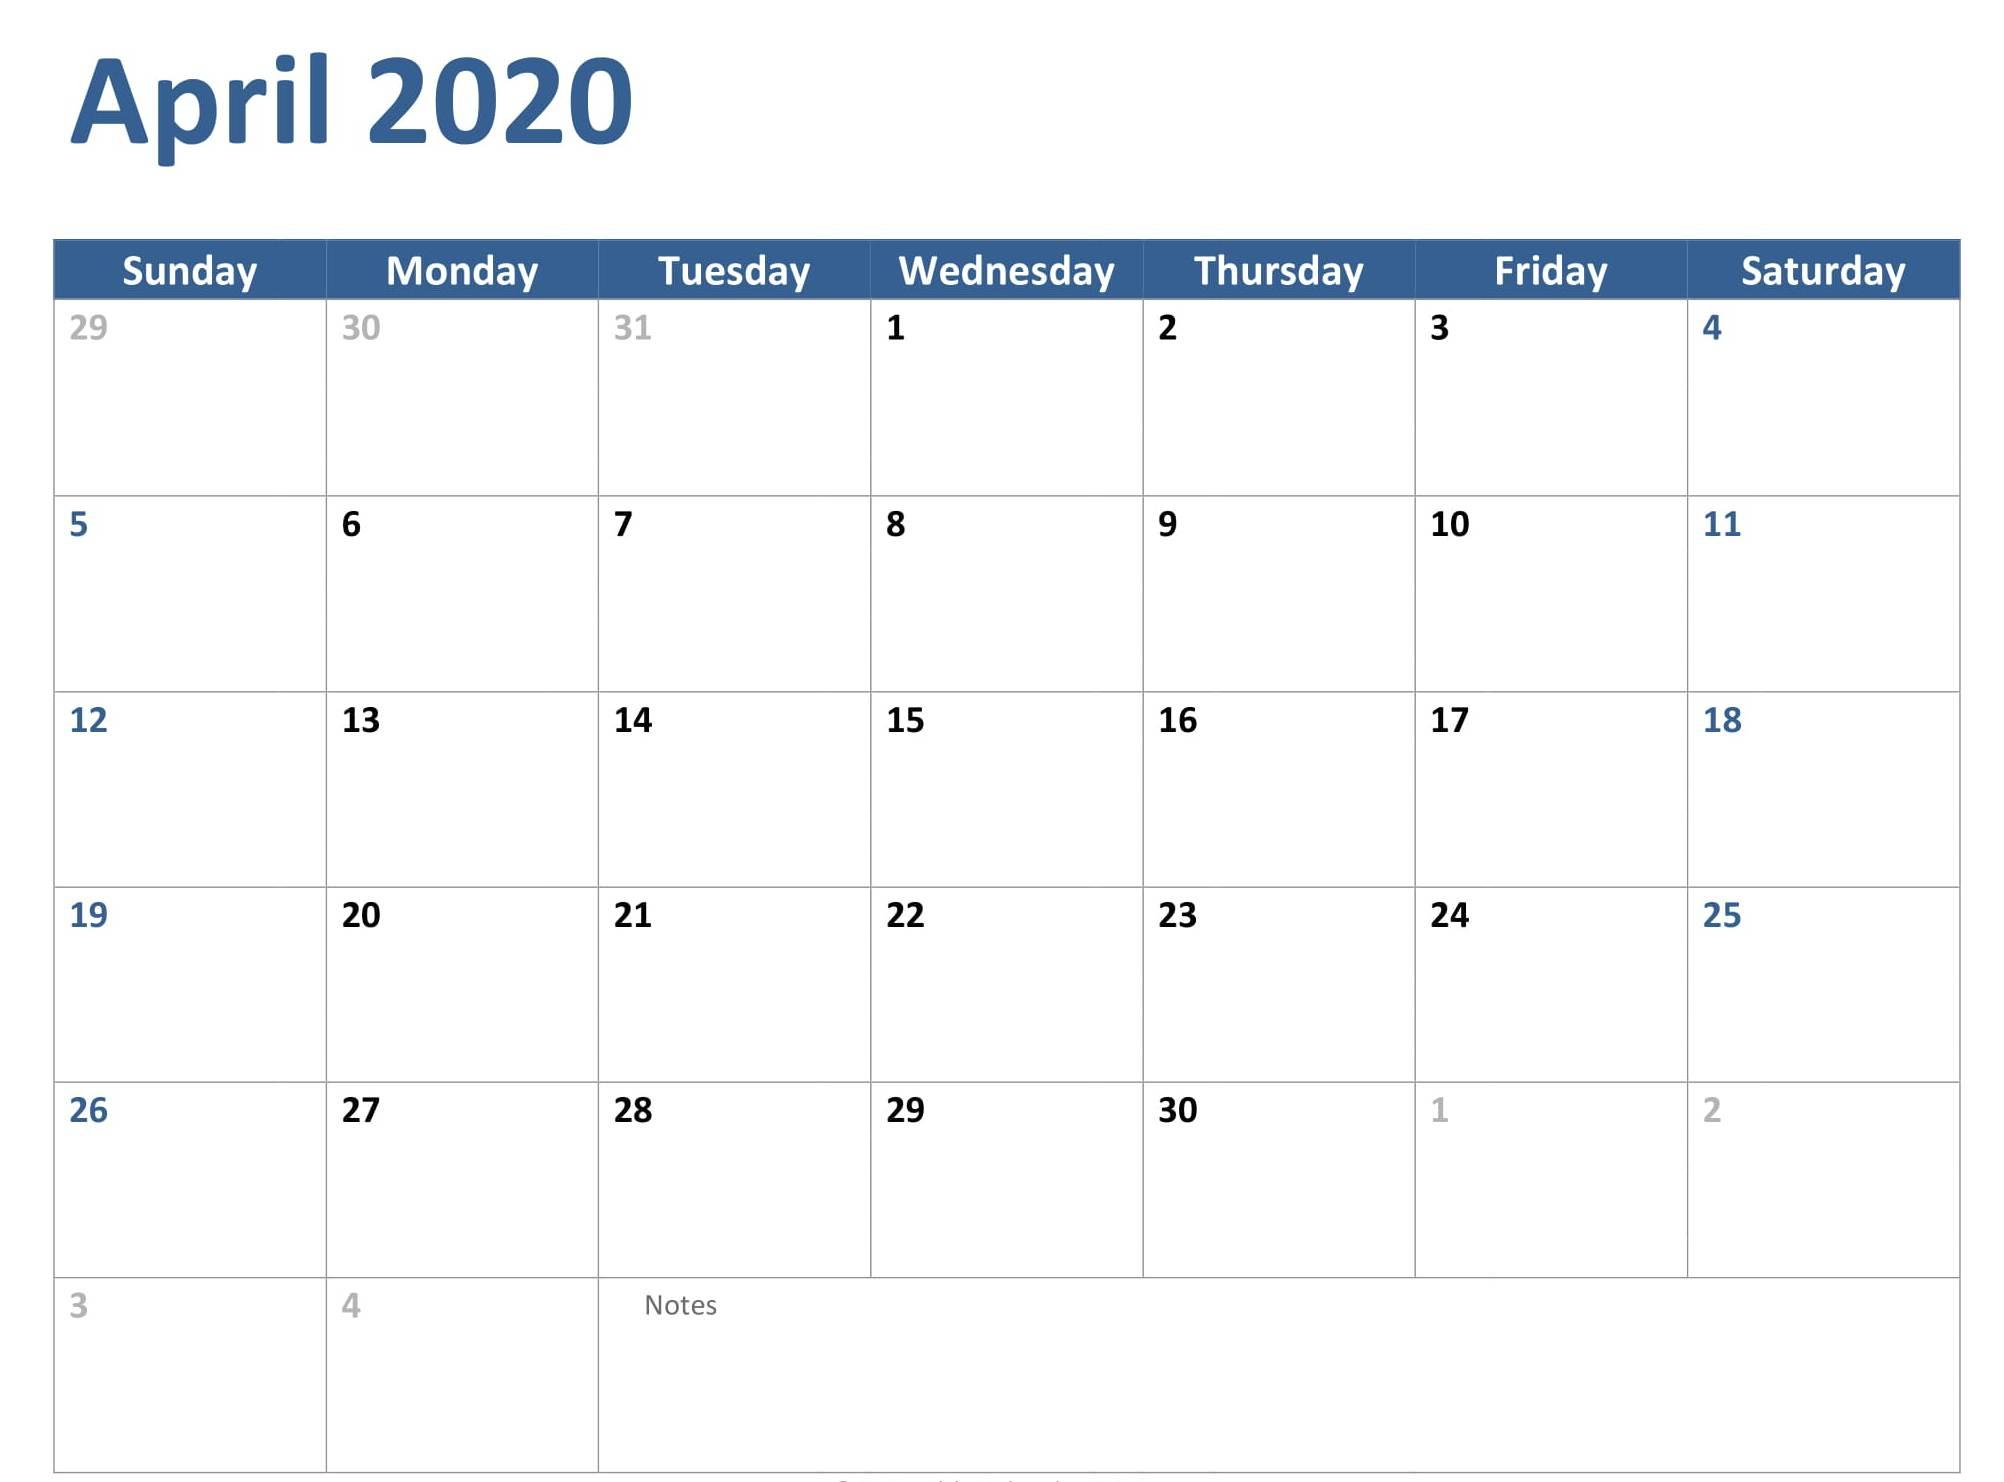 April 2020 Calendar Excel Worksheet Template pertaining to Export Excel Worksheet Into A Calendar